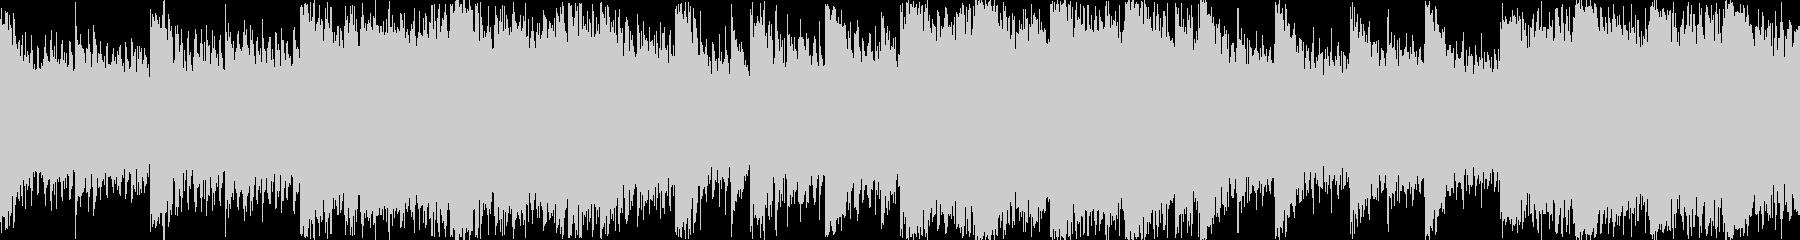 アコースティックセンチメンタル#01−4の未再生の波形